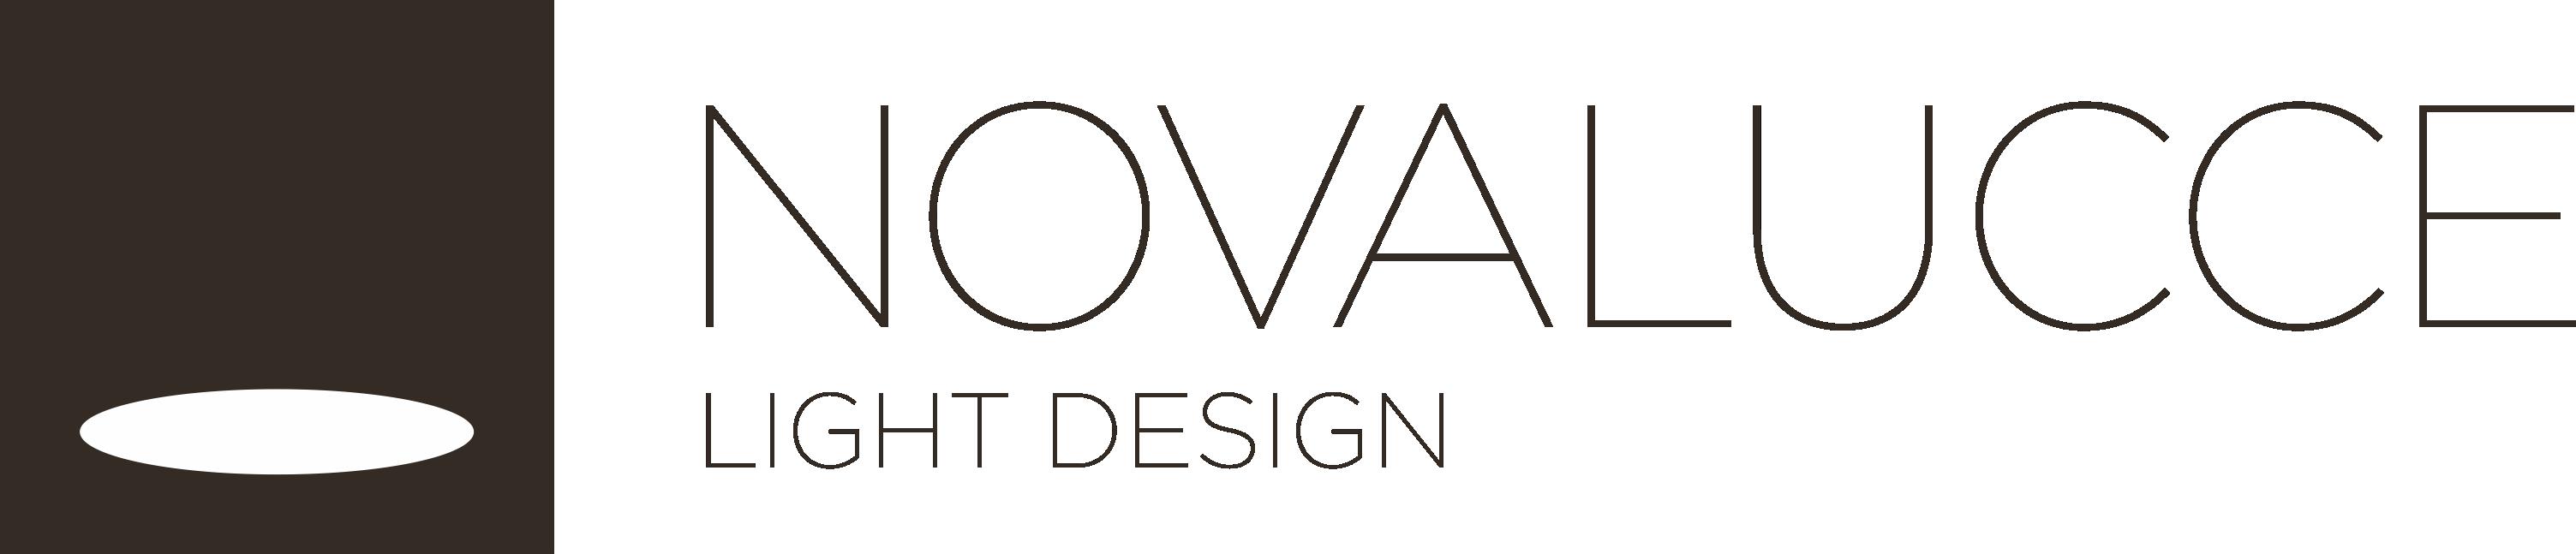 logo-nova5